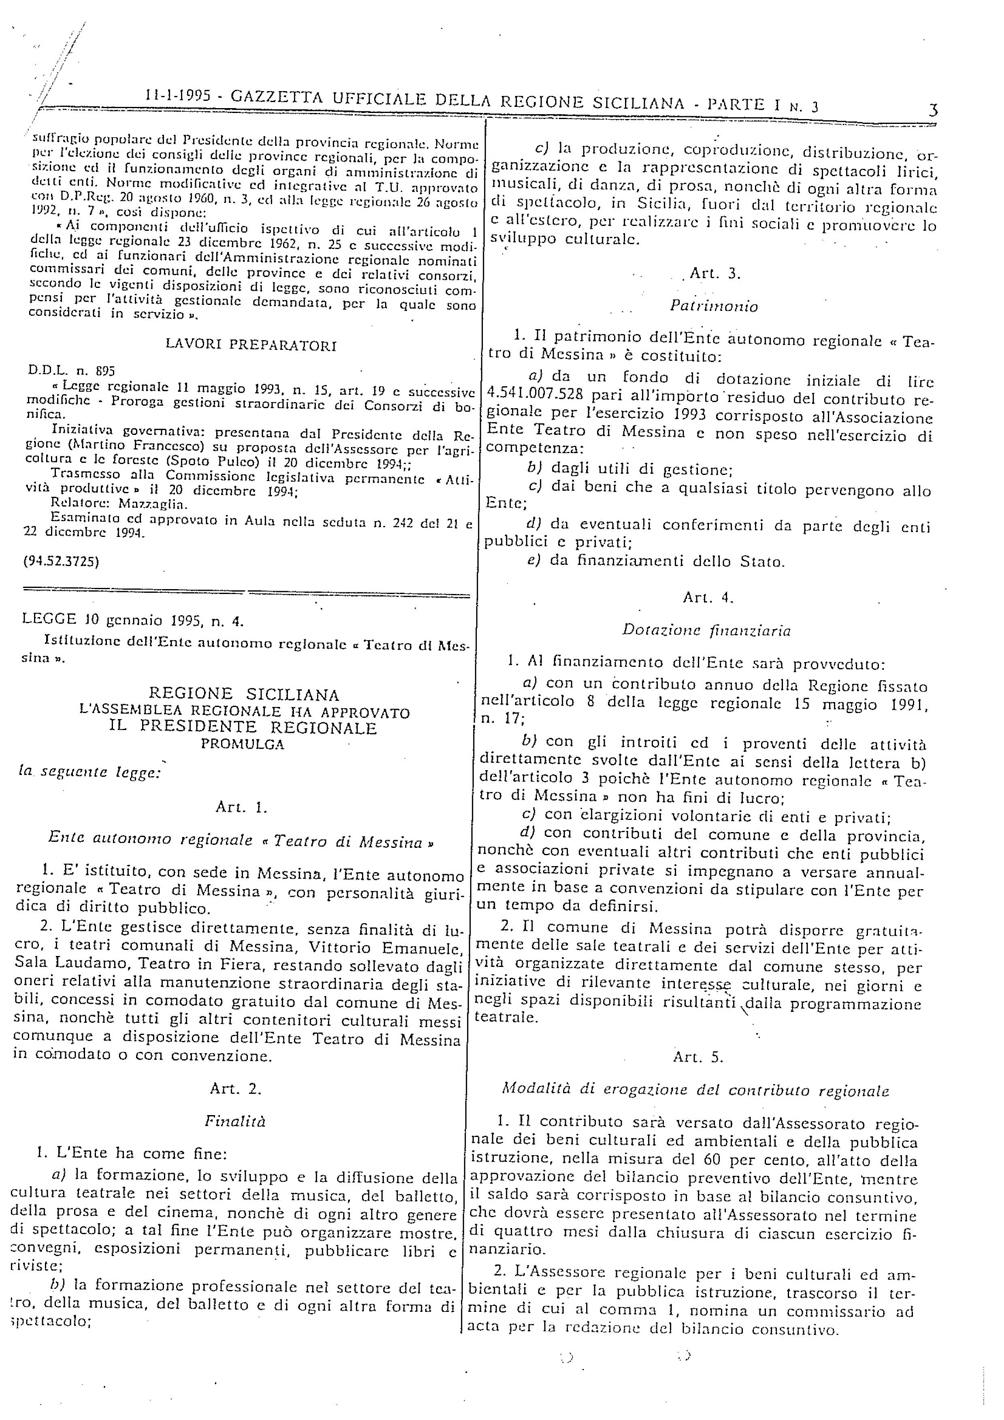 Legge 10 gennaio 1995 n. 4_Pagina_2